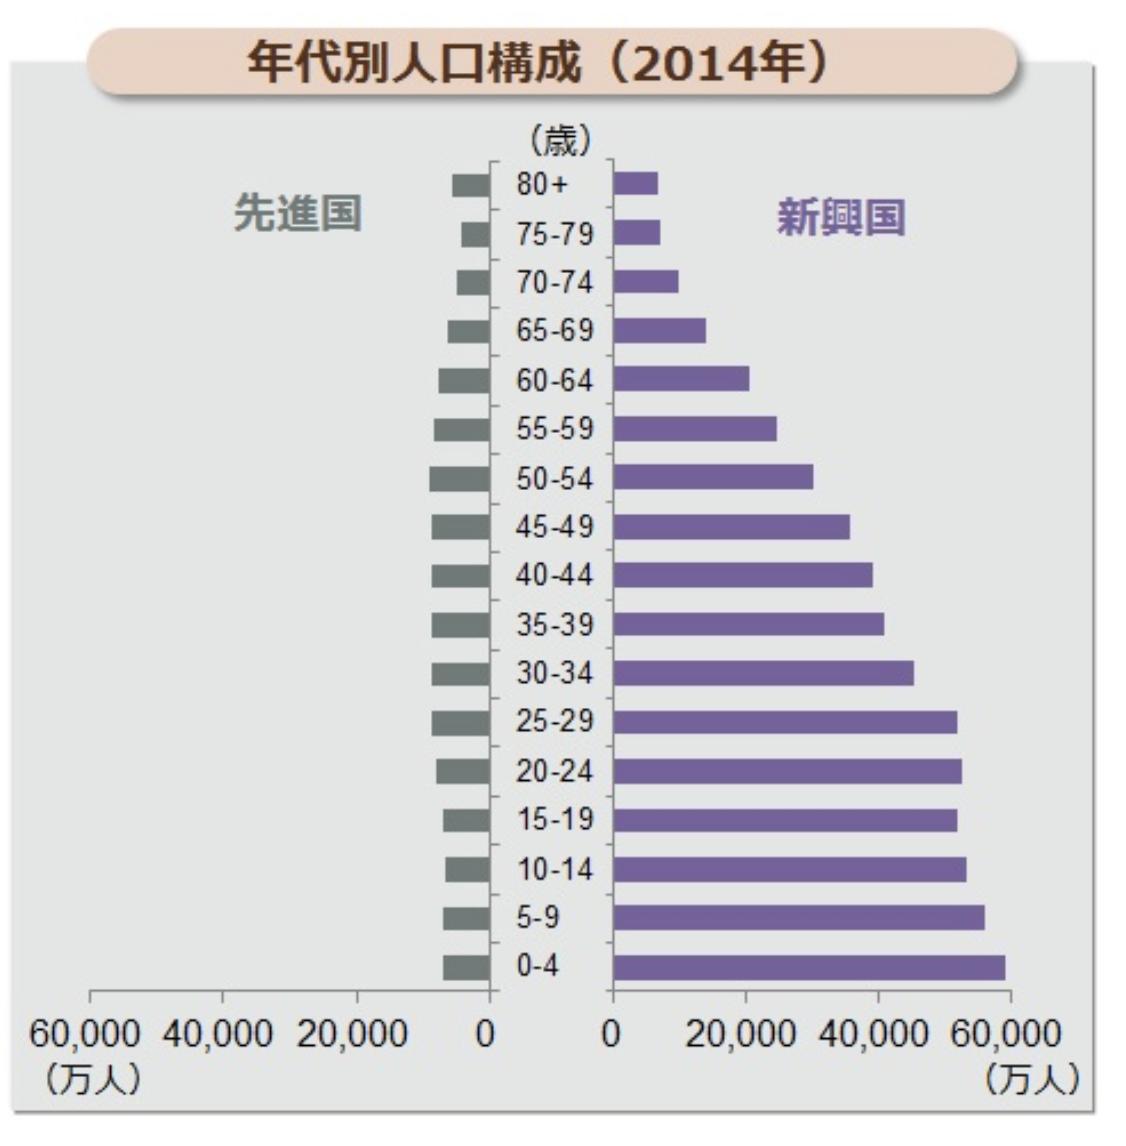 先進国と新興国の年齢別の人口構成